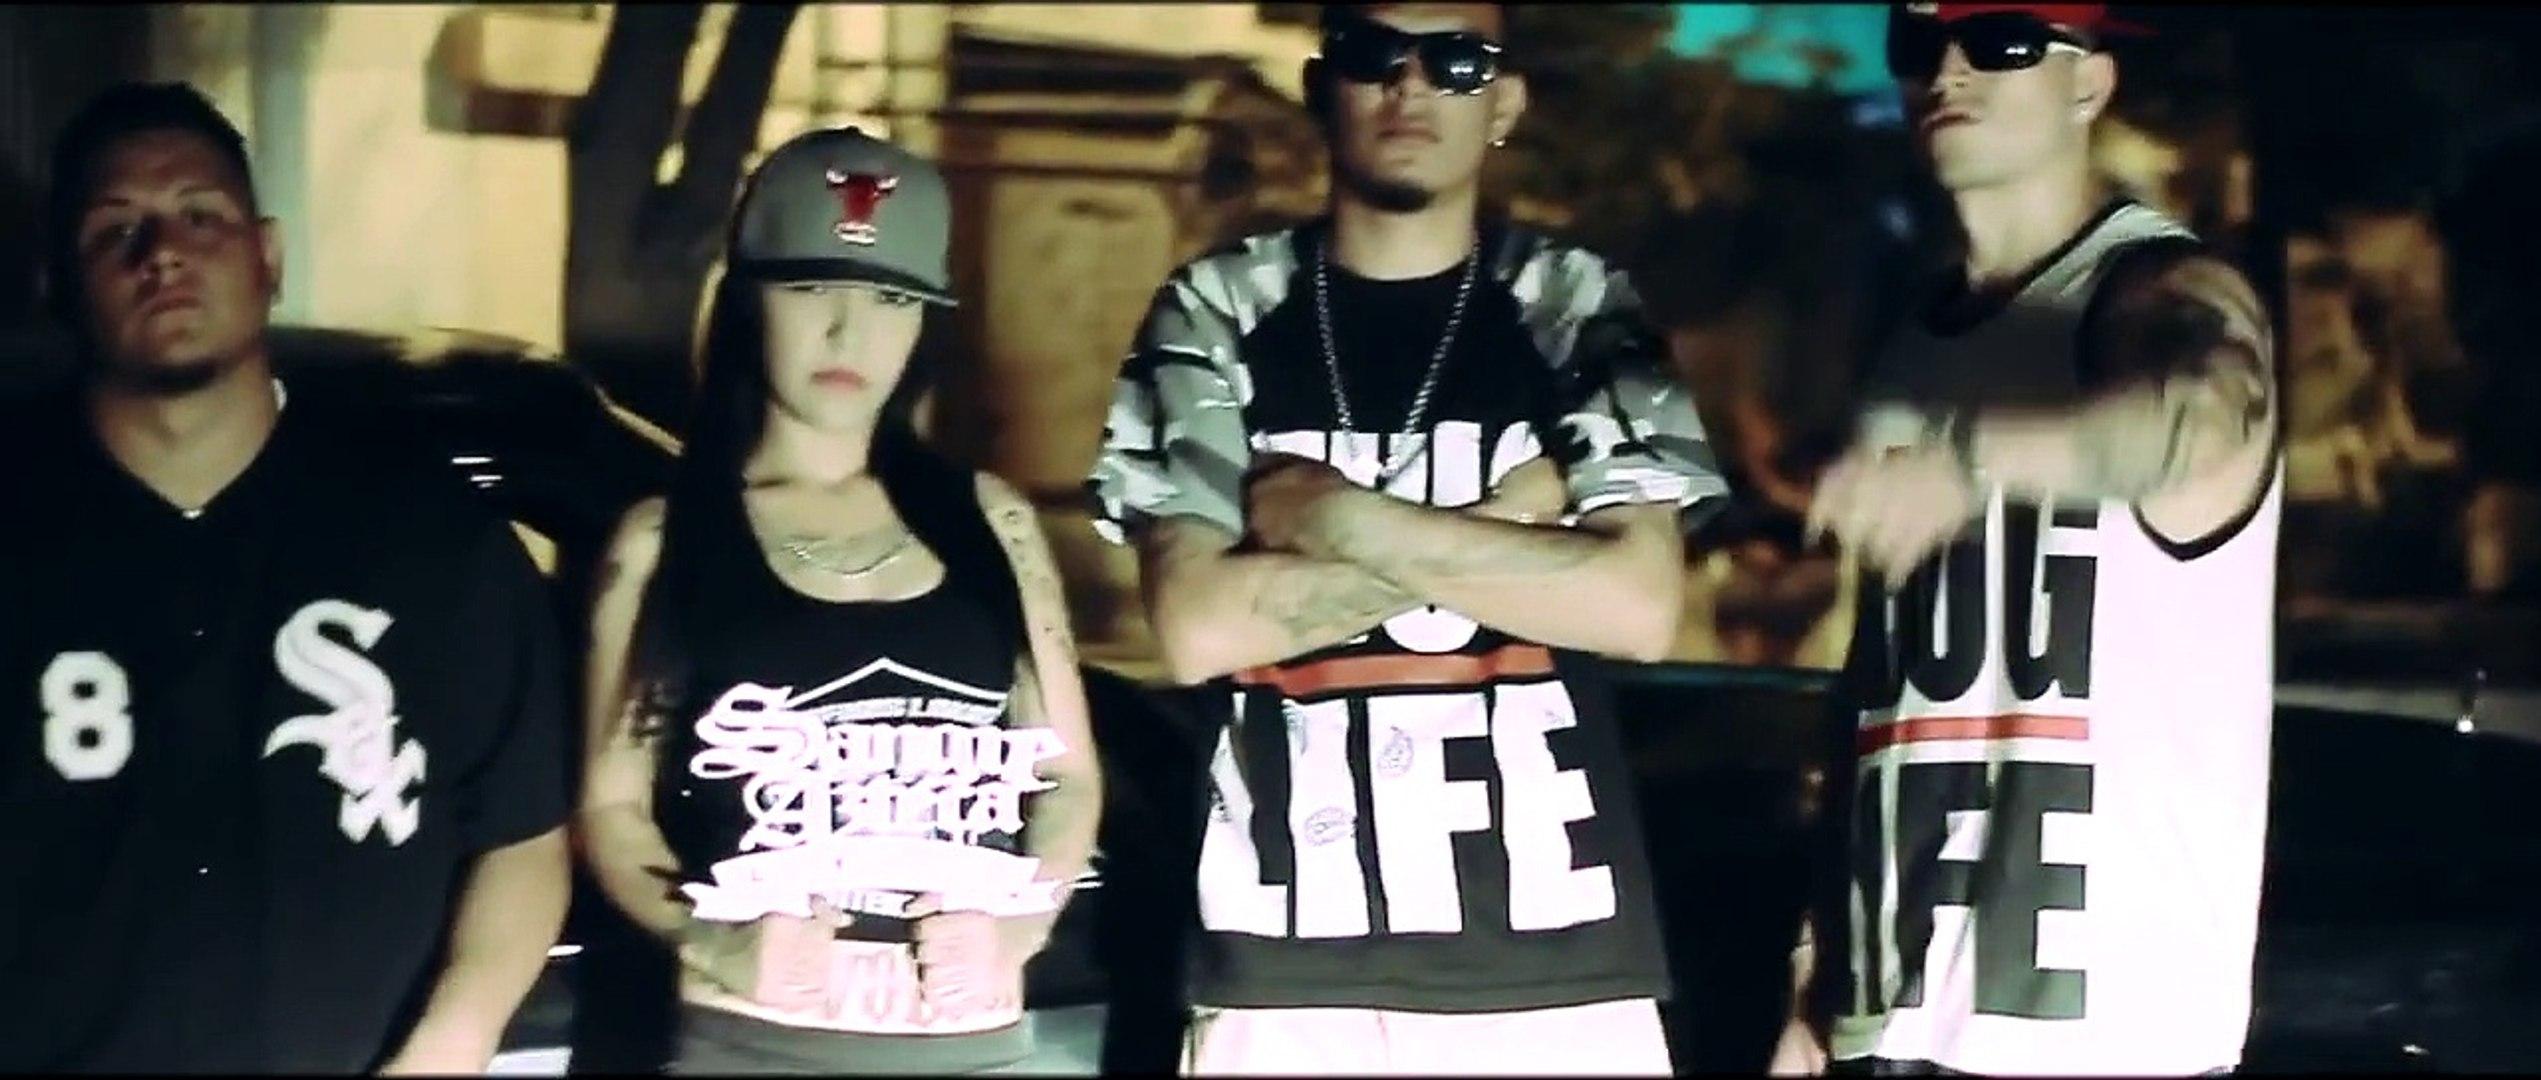 THUG LIFE (VIDA DE MATON) - KALA ARMY ft THUG POL,TU-ZO & EUGE MC